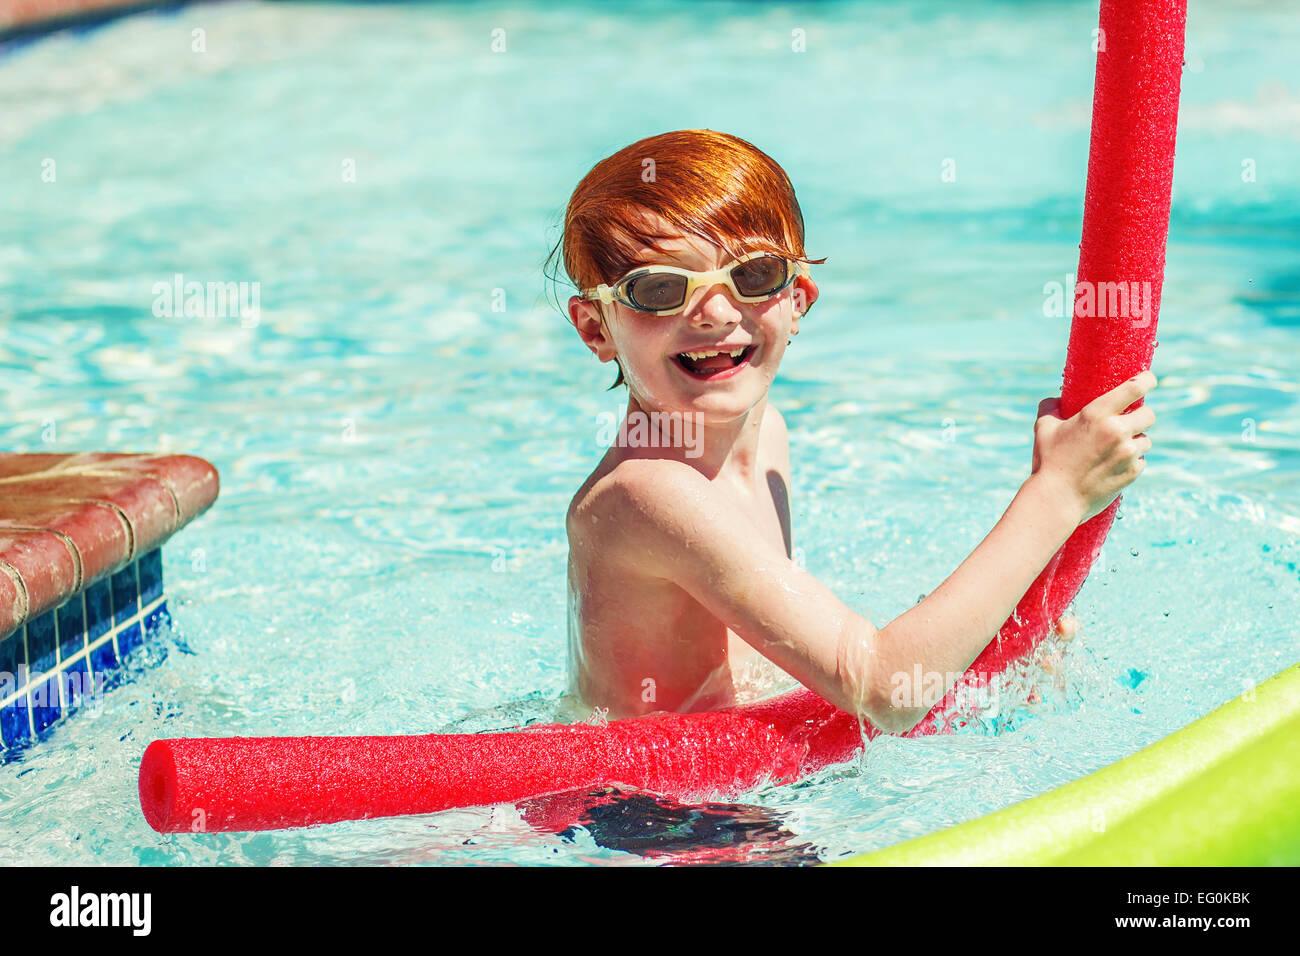 Joven (6-7) jugando en la piscina Imagen De Stock